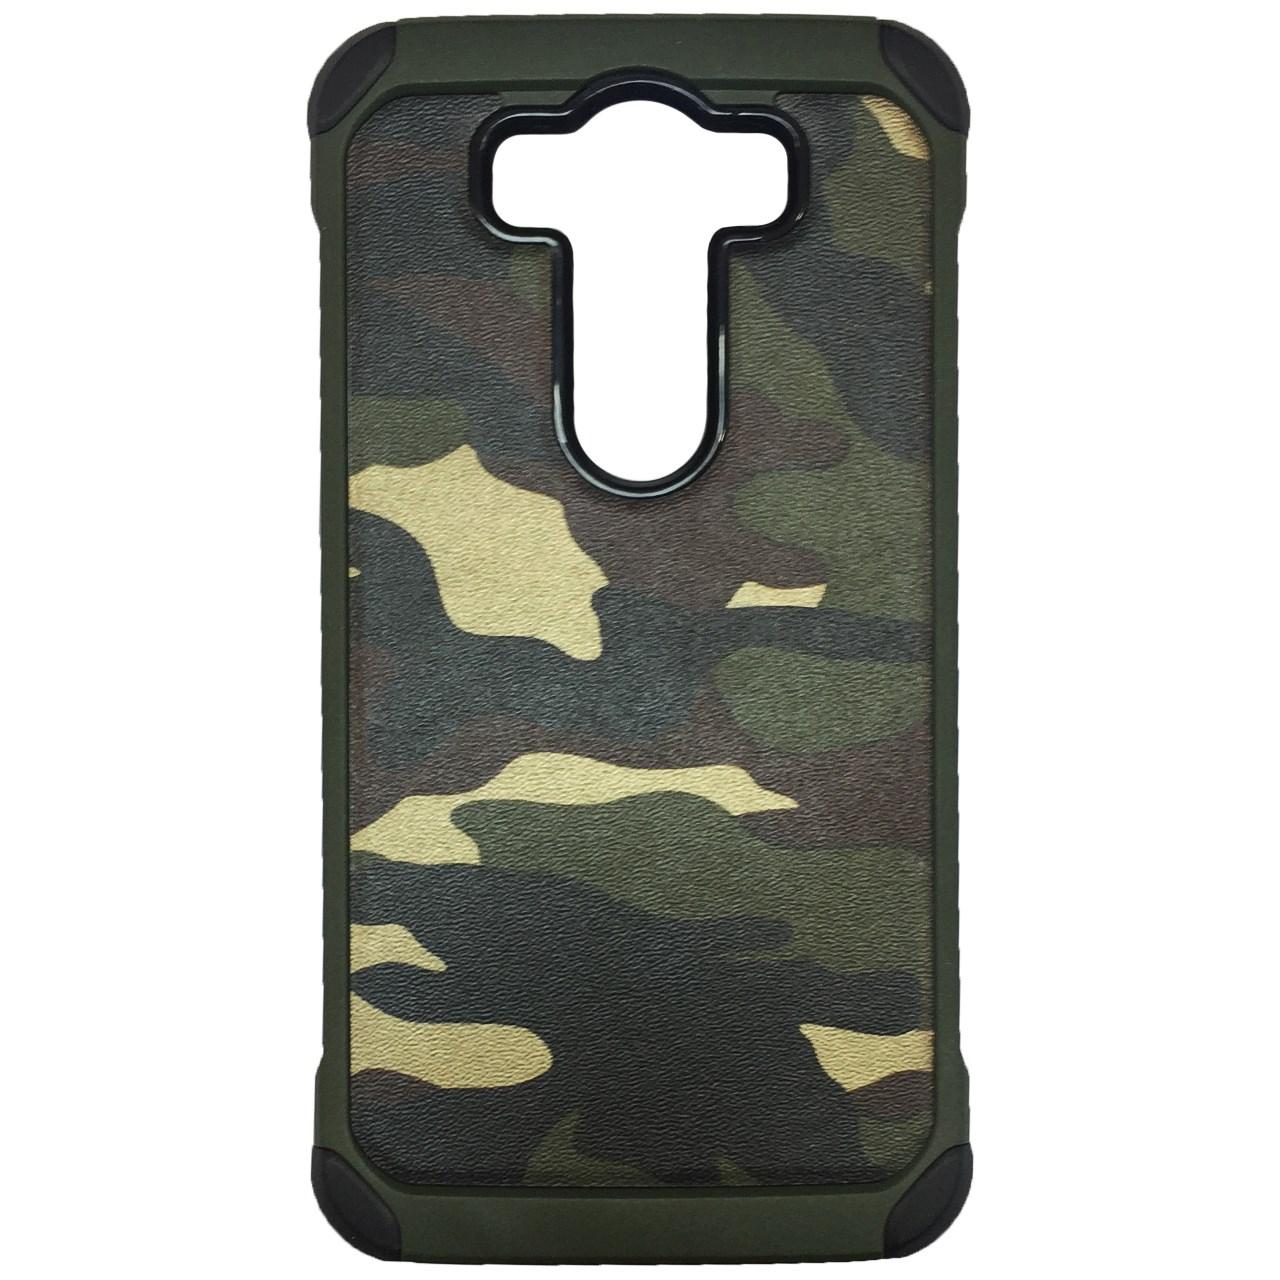 کاور ارتشی مدل CAMO مناسب برای گوشی موبایل ال جی V10